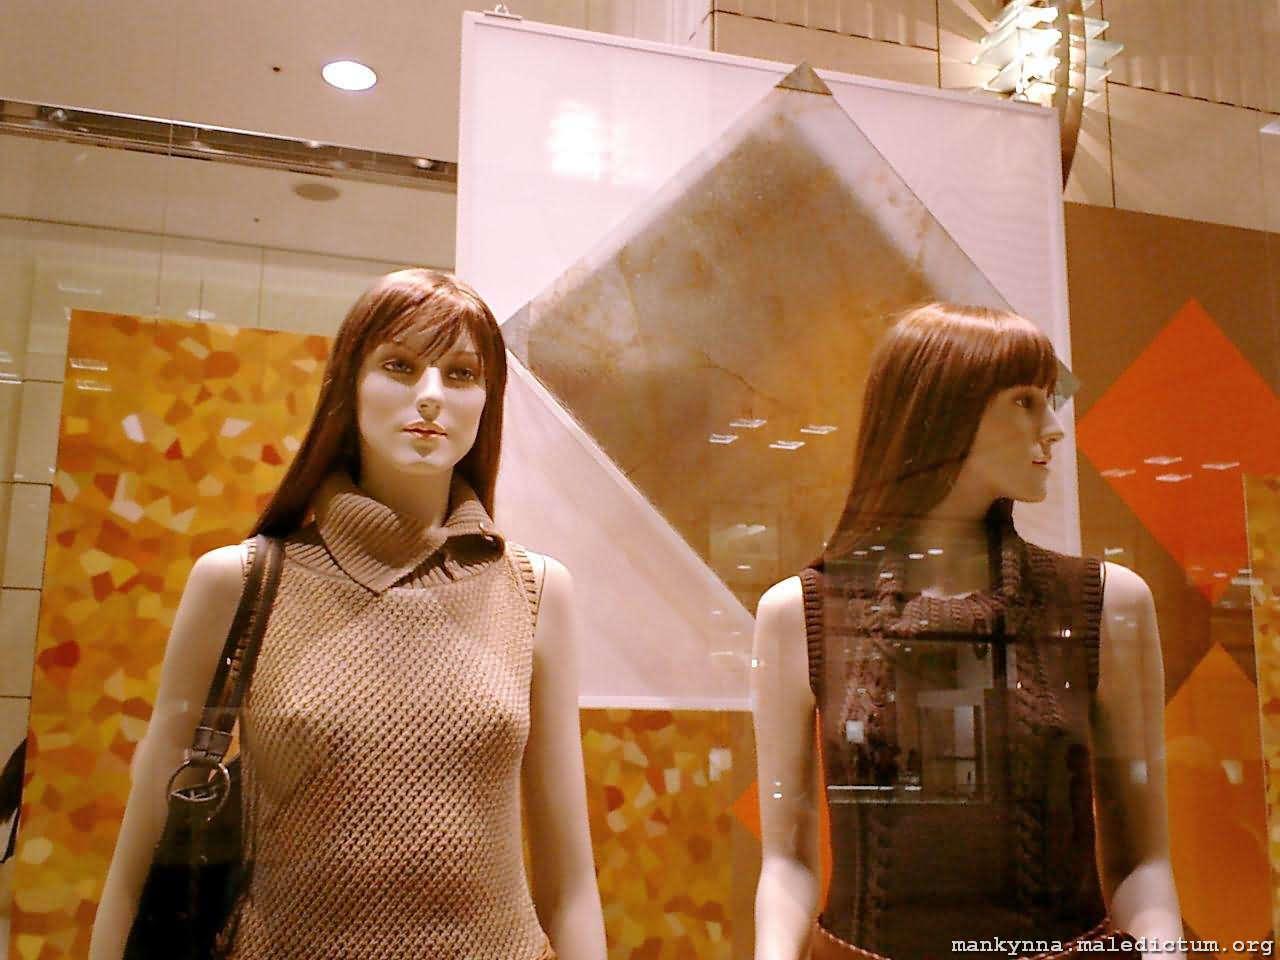 Два манекена за стеклом